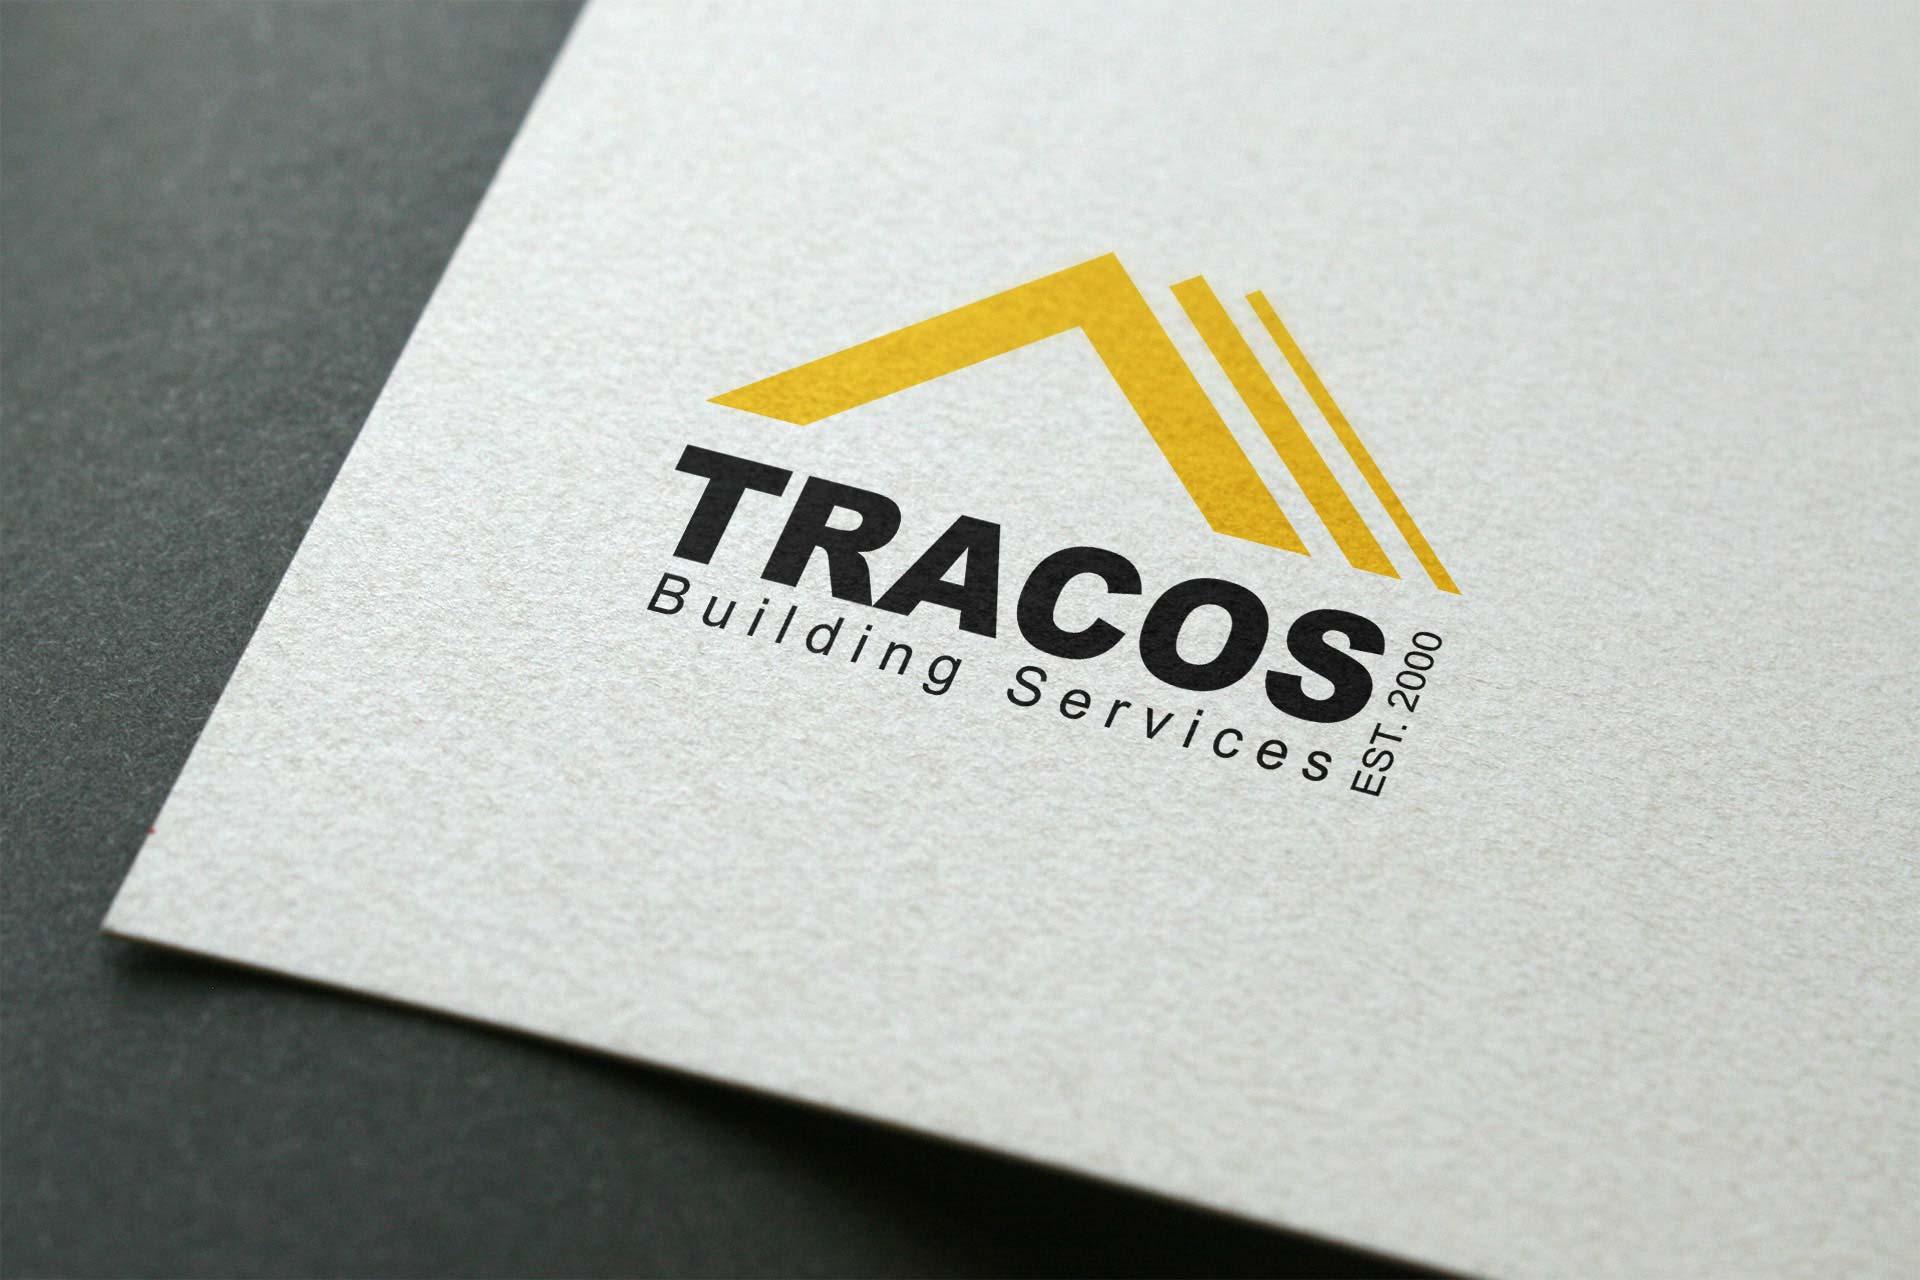 Logo-Tracos